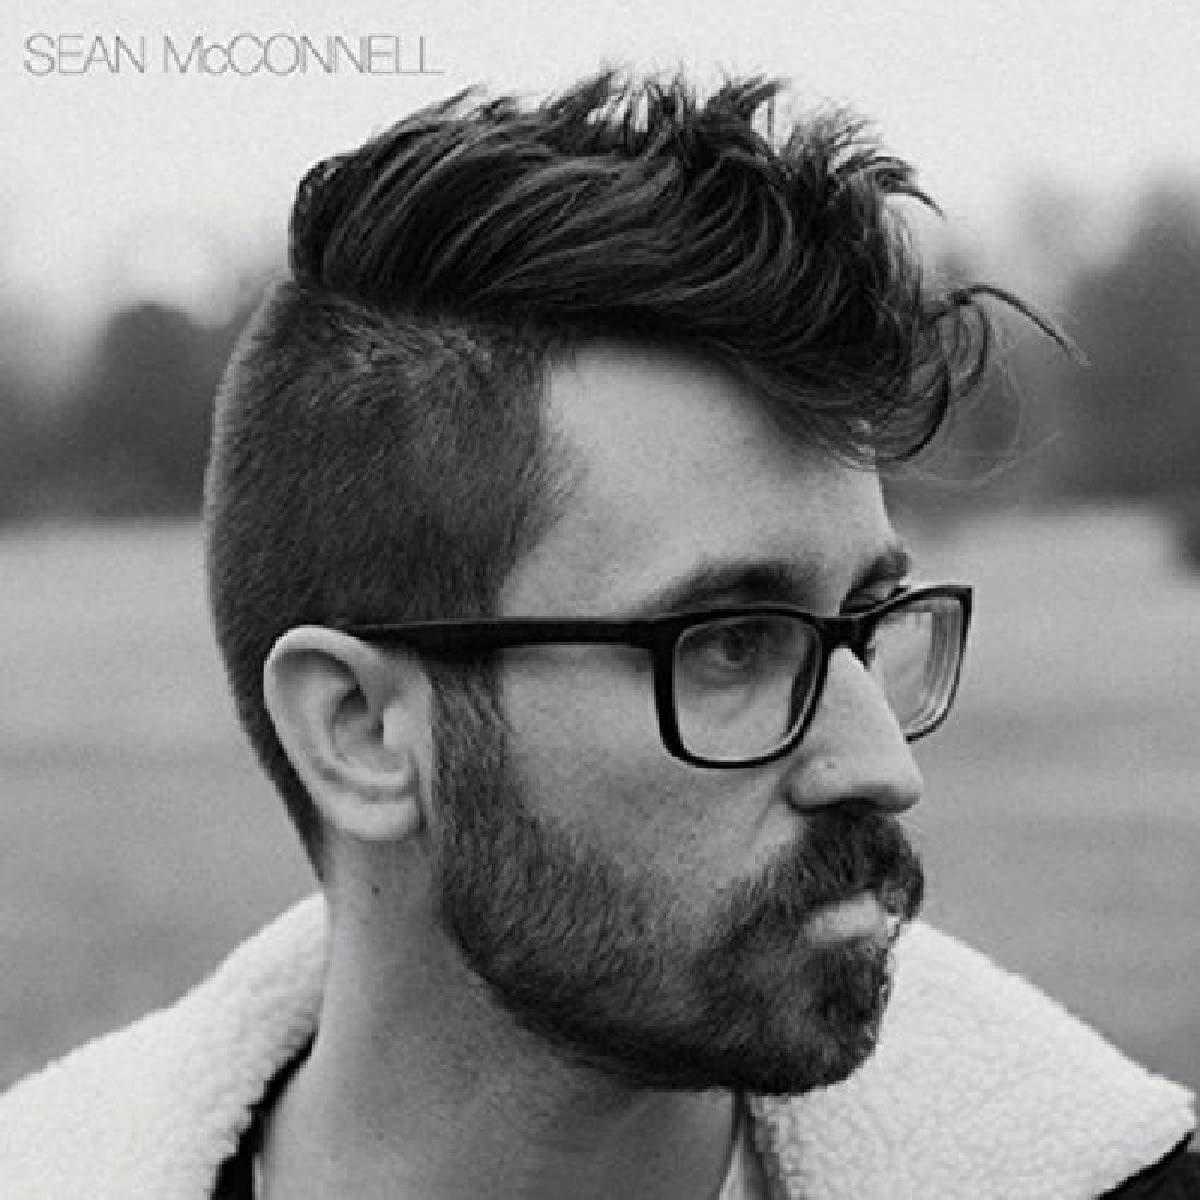 a3a3626b3f5e7 Sean McConnell